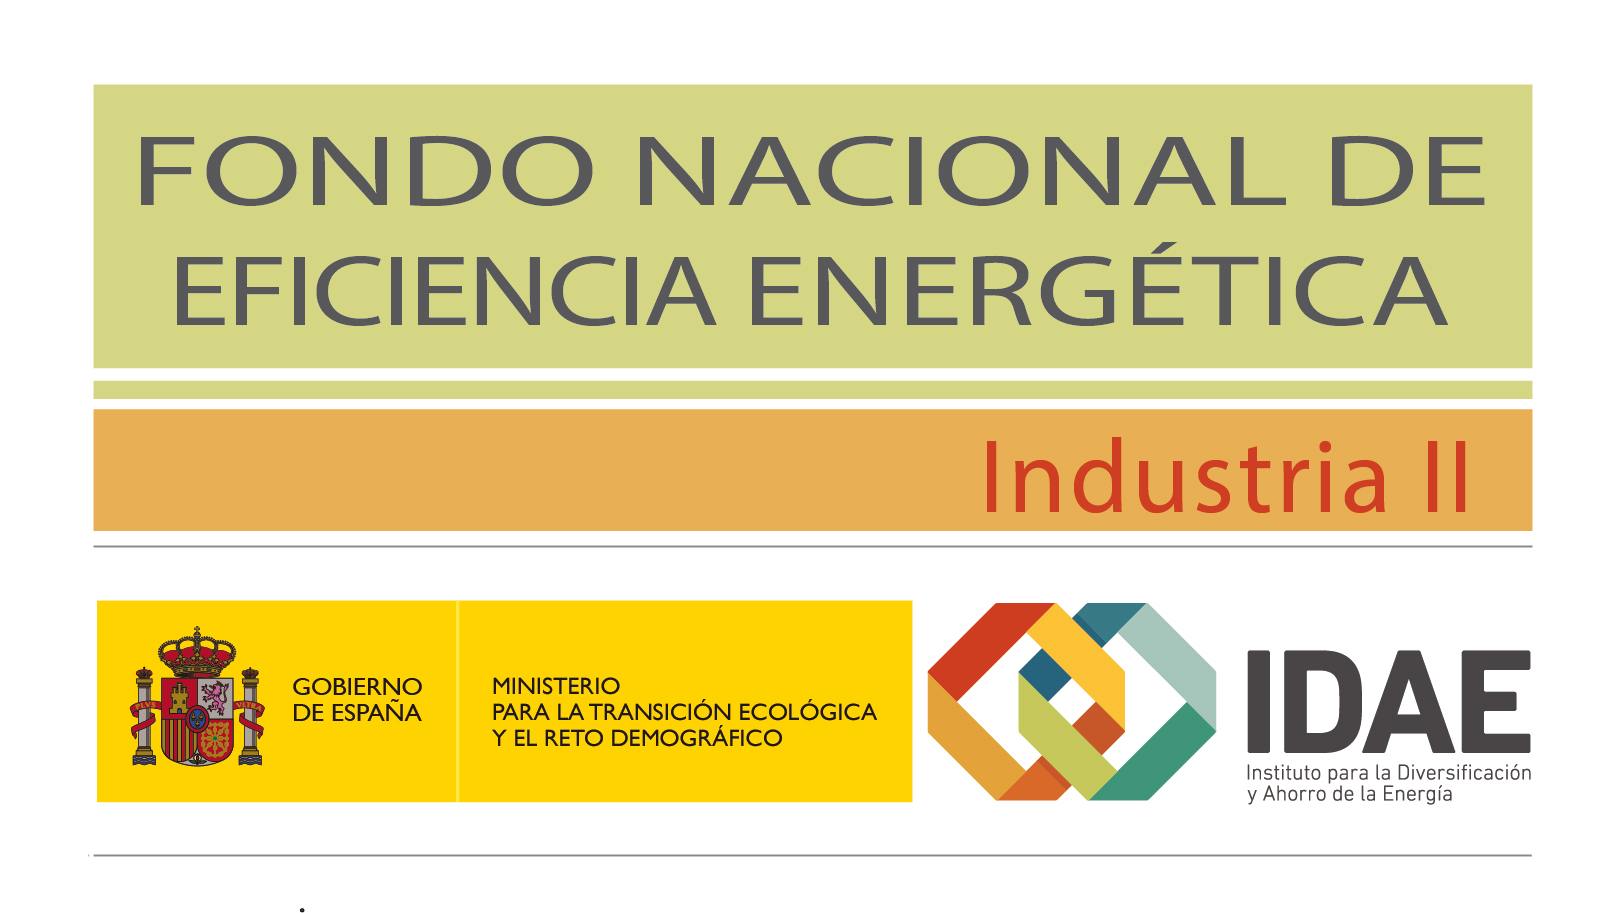 Logo Fondo Nacional de Eficiencia Energética Industria II IDAE